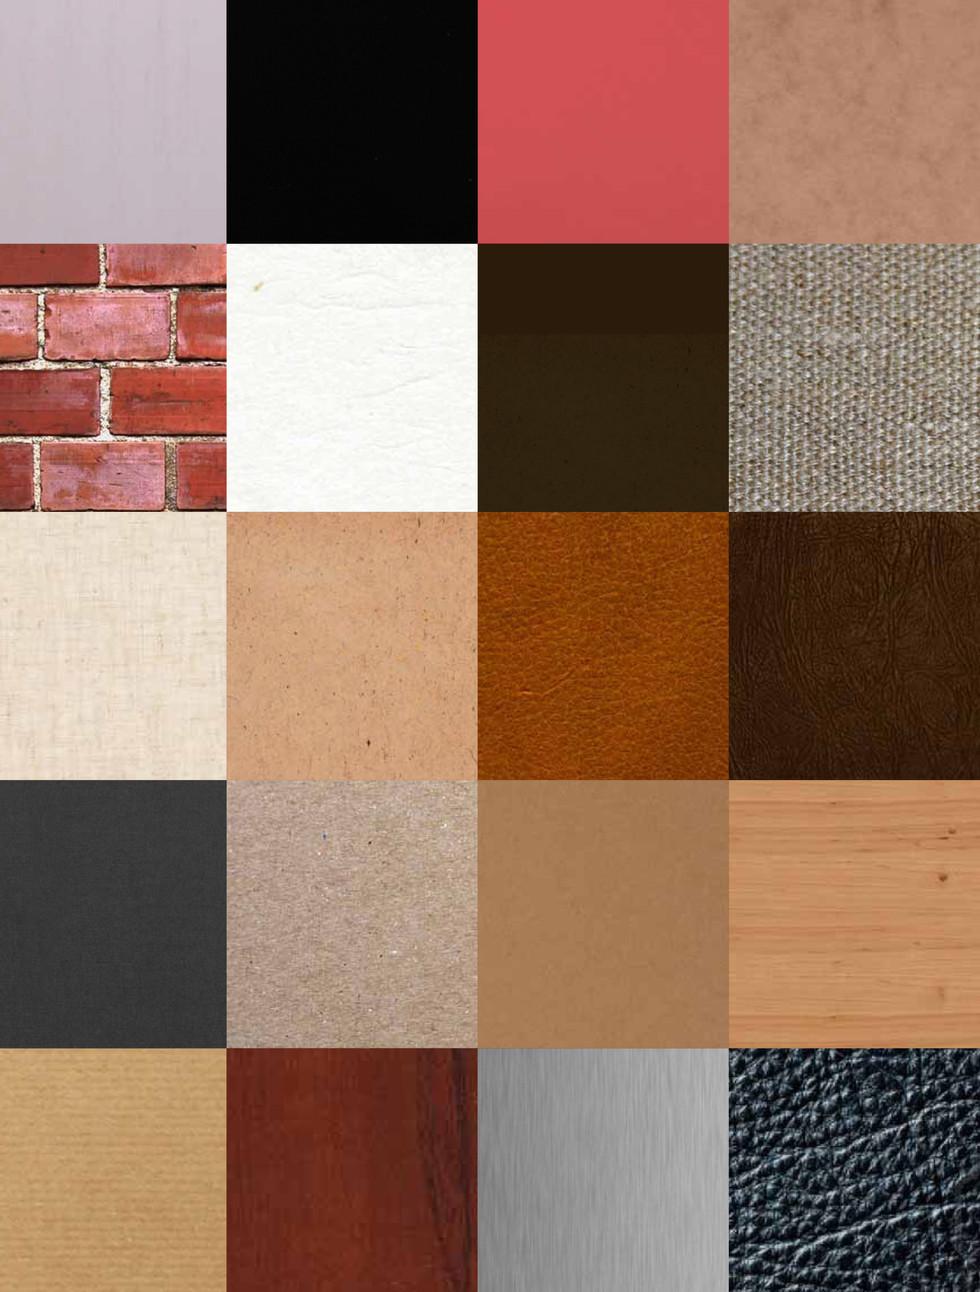 Factoria colors